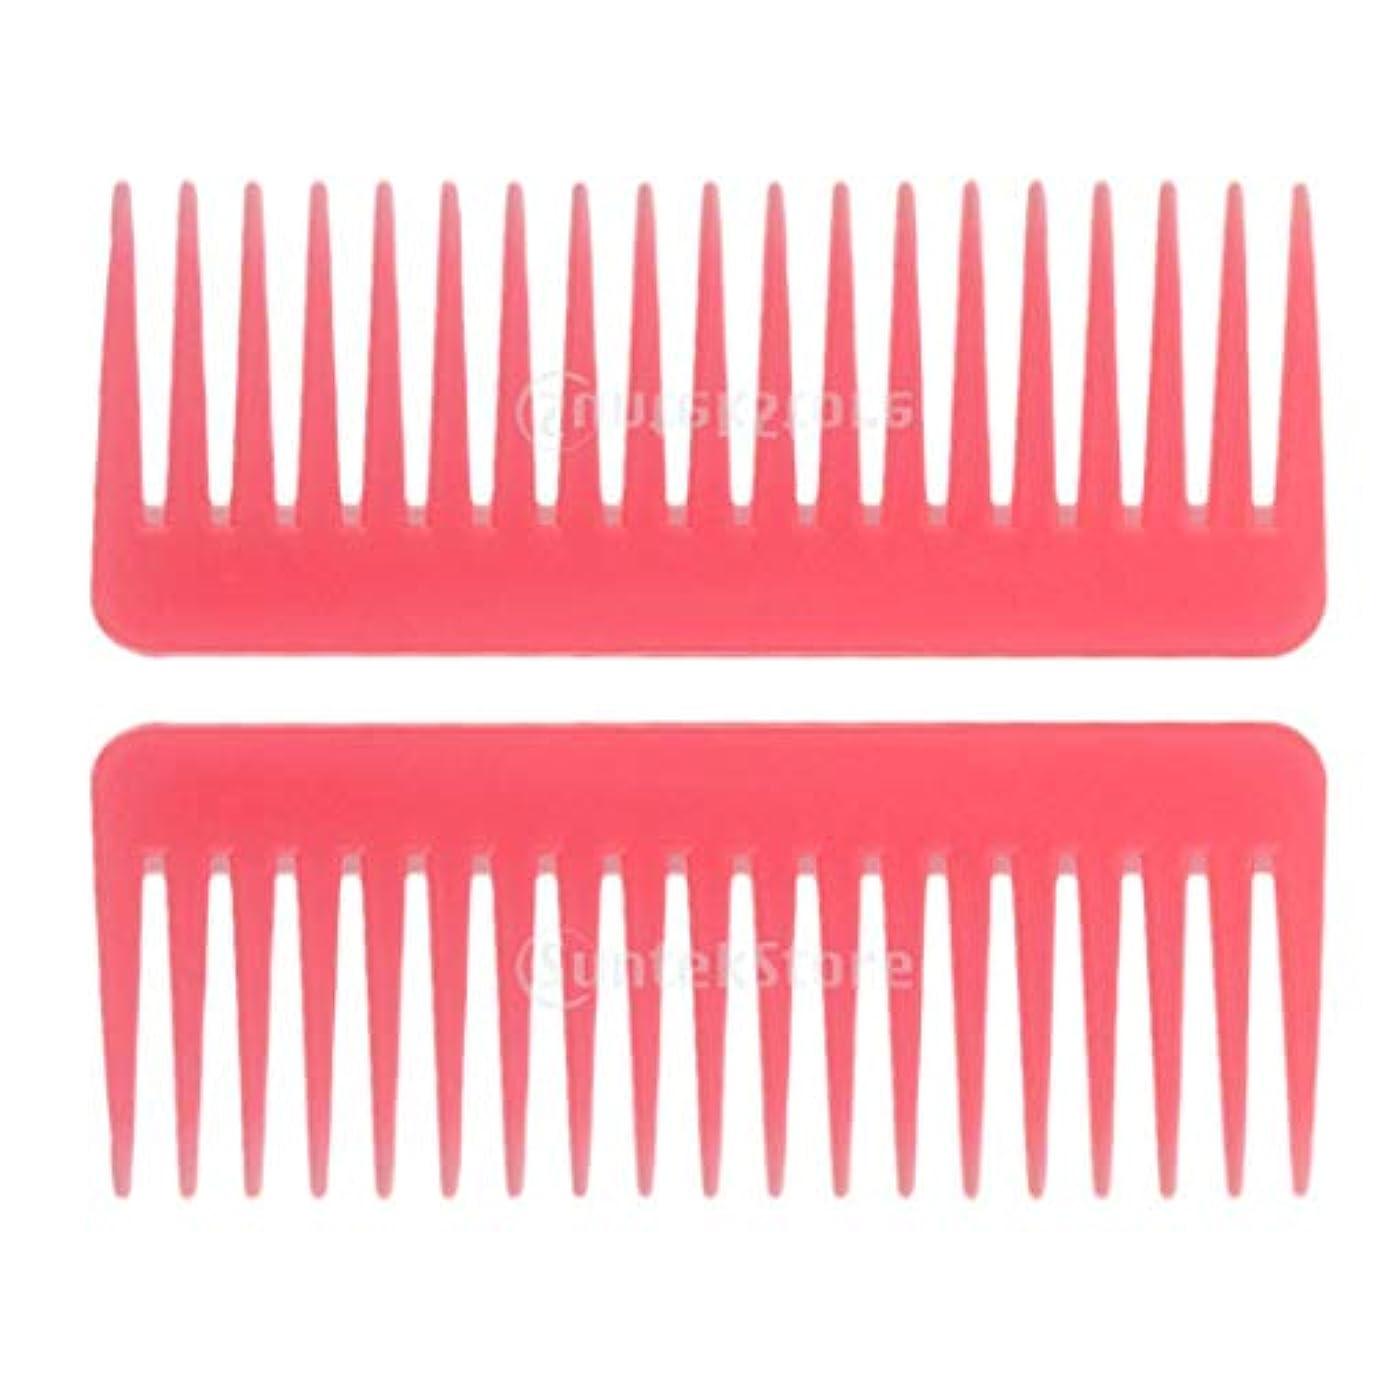 何か防腐剤嬉しいですヘアブラシ ヘアコーム 静電気防止櫛 広い歯コーム マッサージ サロン 理髪店 ツール 2個セット